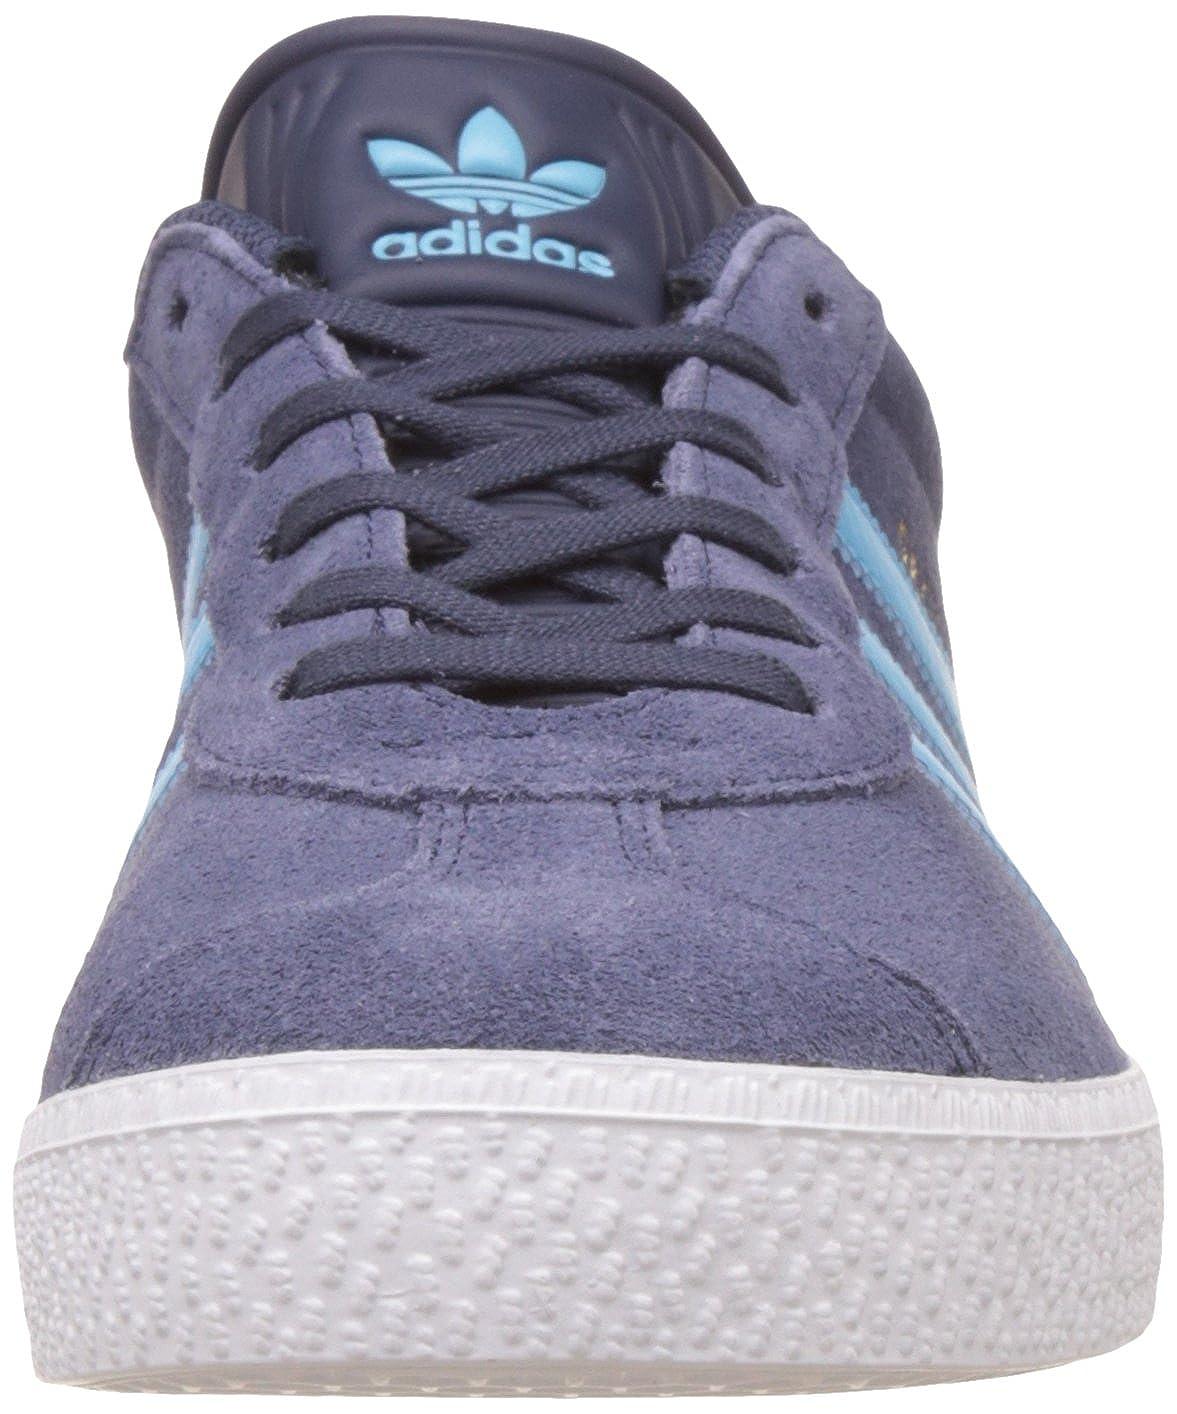 separation shoes 635b4 91974 adidas Gazelle, Entrenadores para Niños Amazon.es Zapatos y complementos